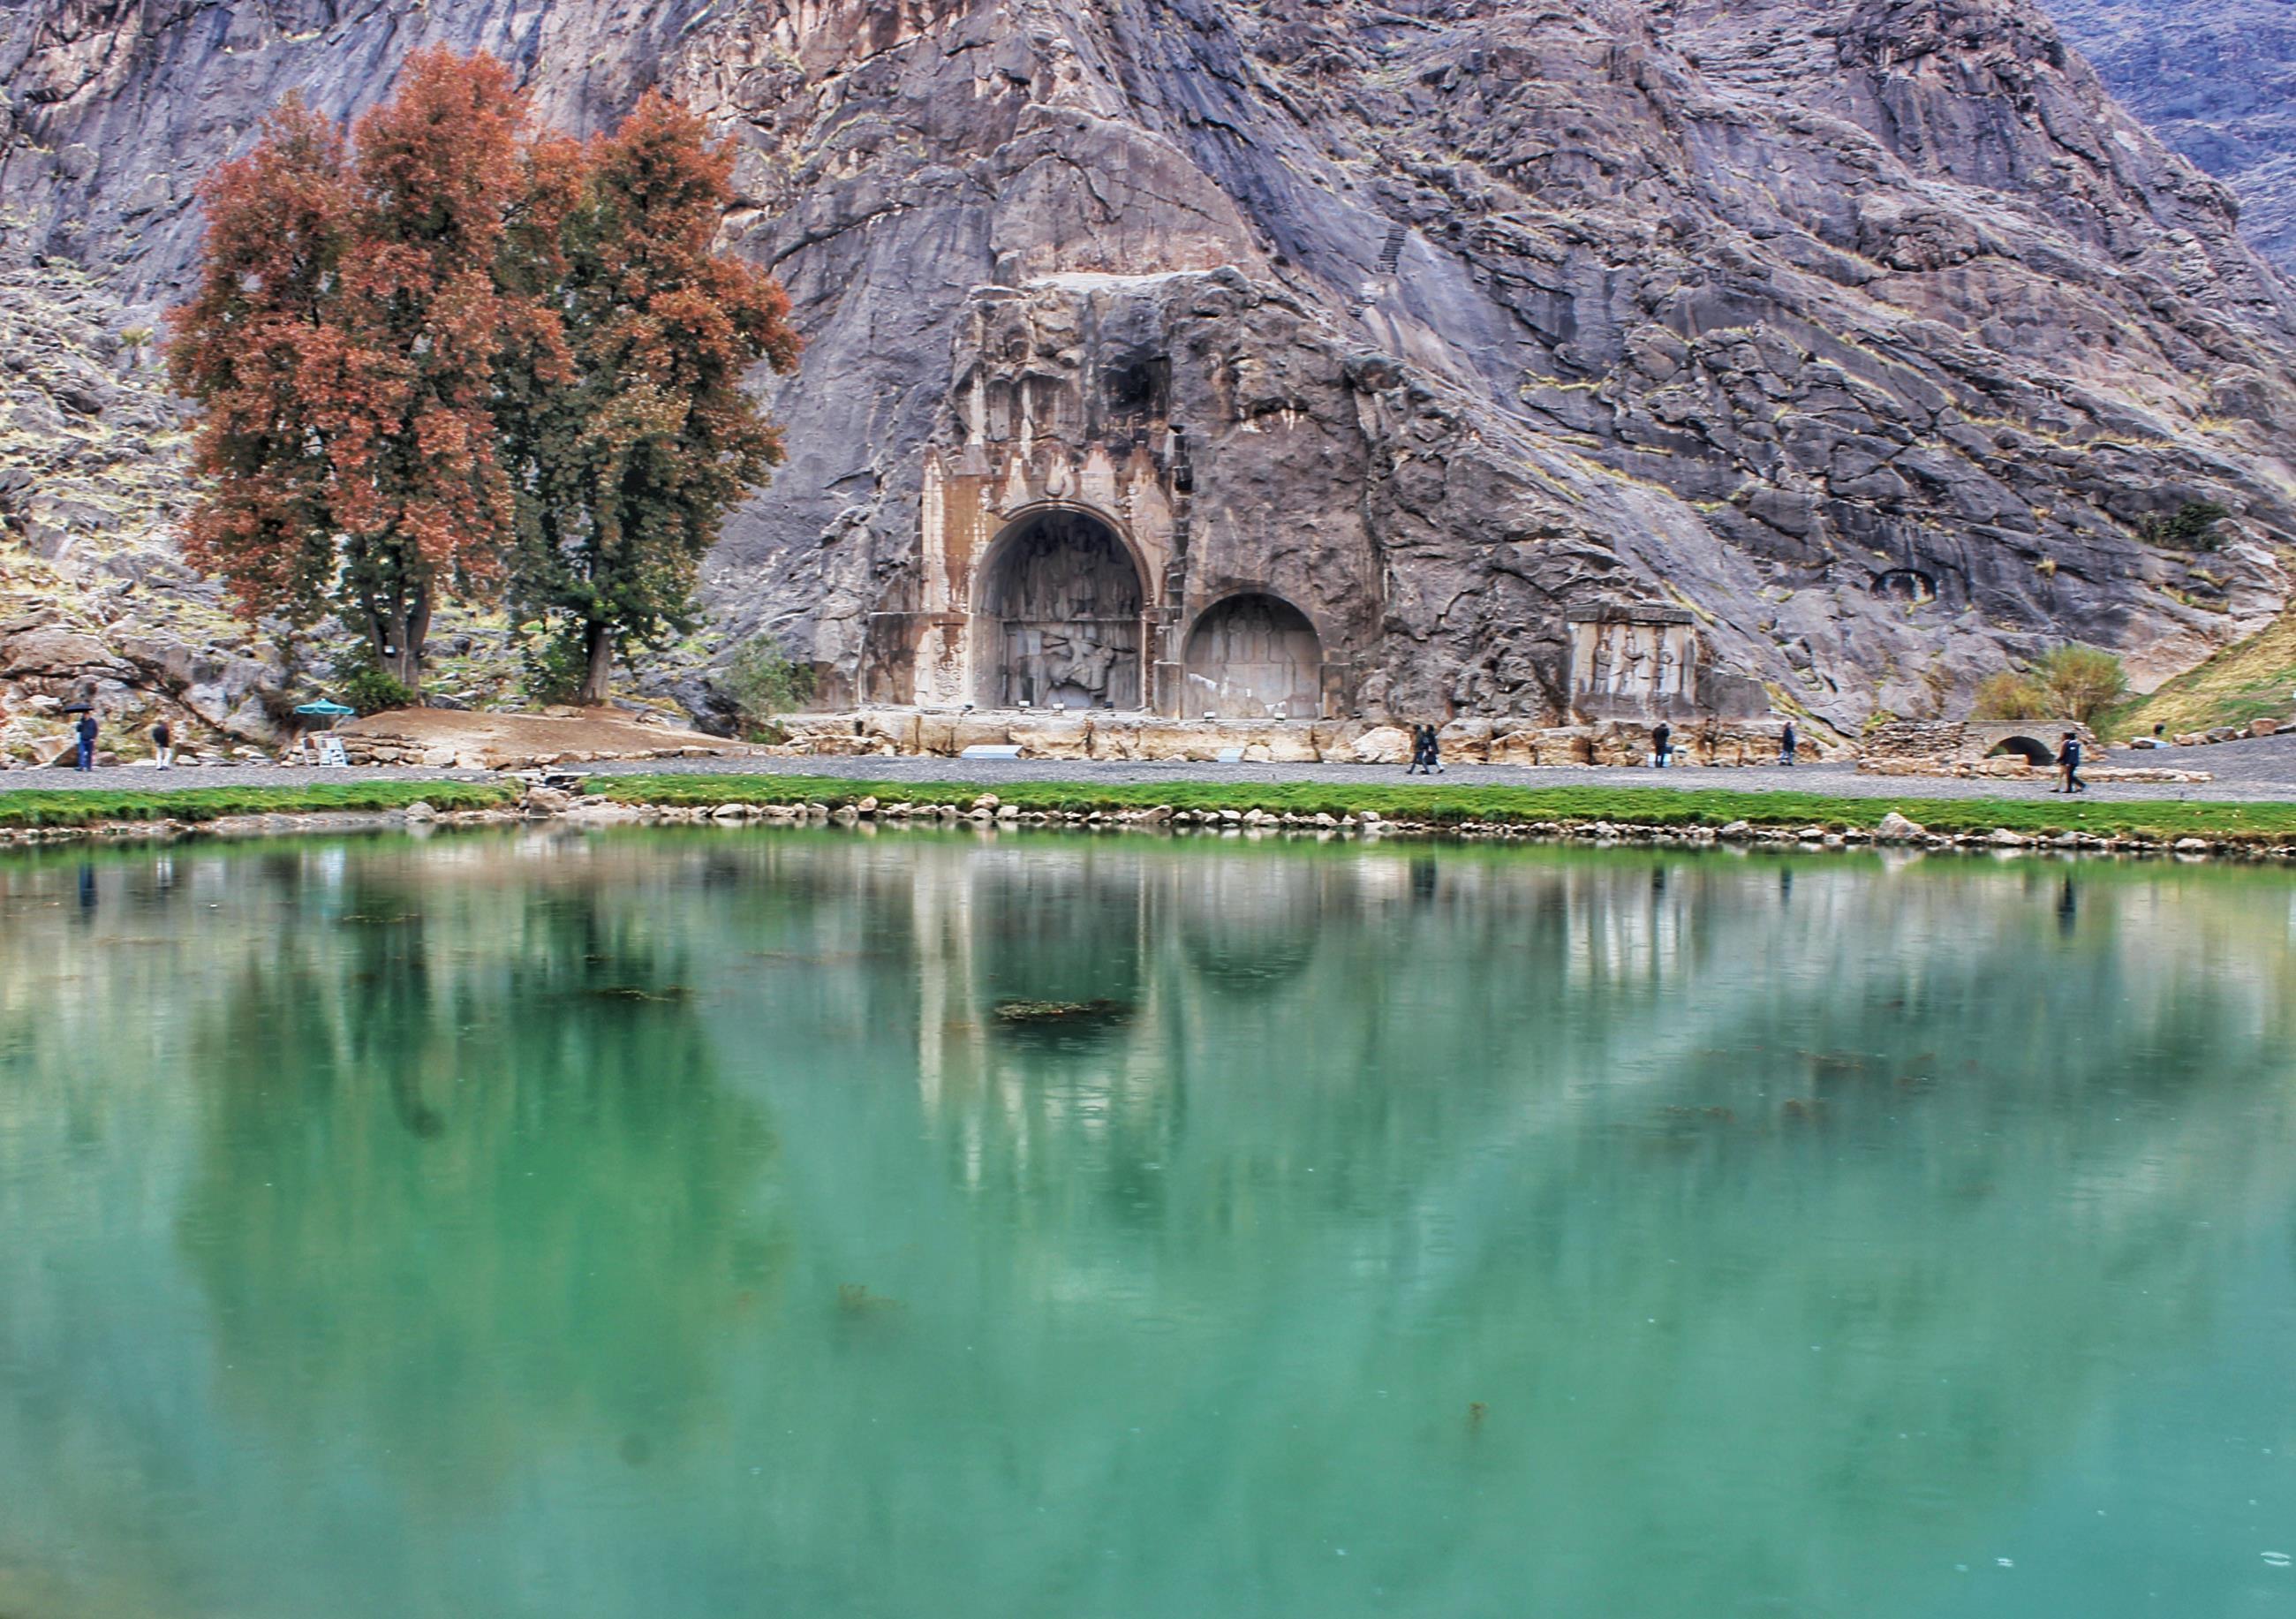 Tagh-e-bostan-kermanshah